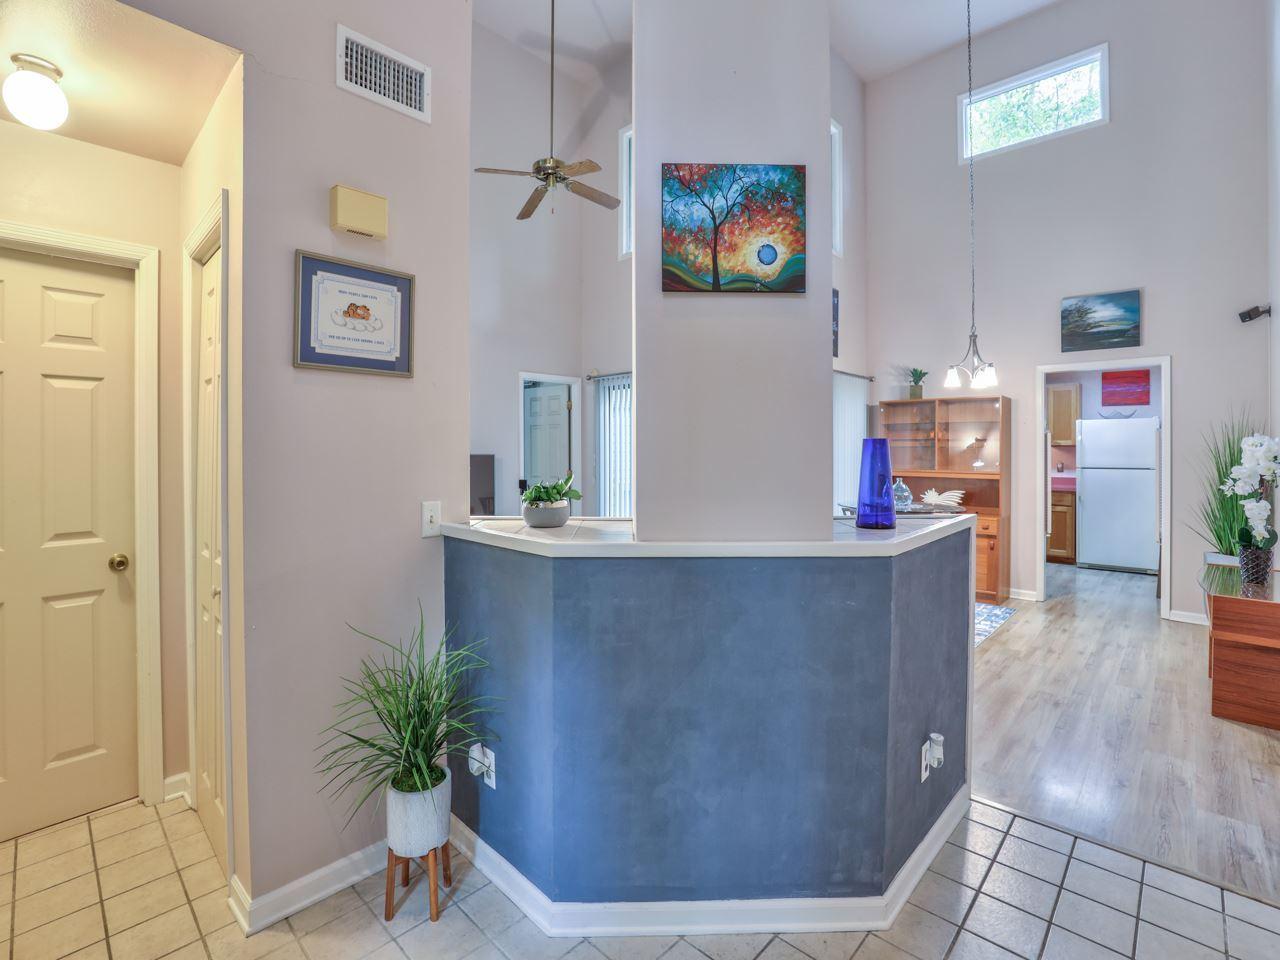 Photo of 1686 Silverwood Drive, TALLAHASSEE, FL 32301 (MLS # 316878)